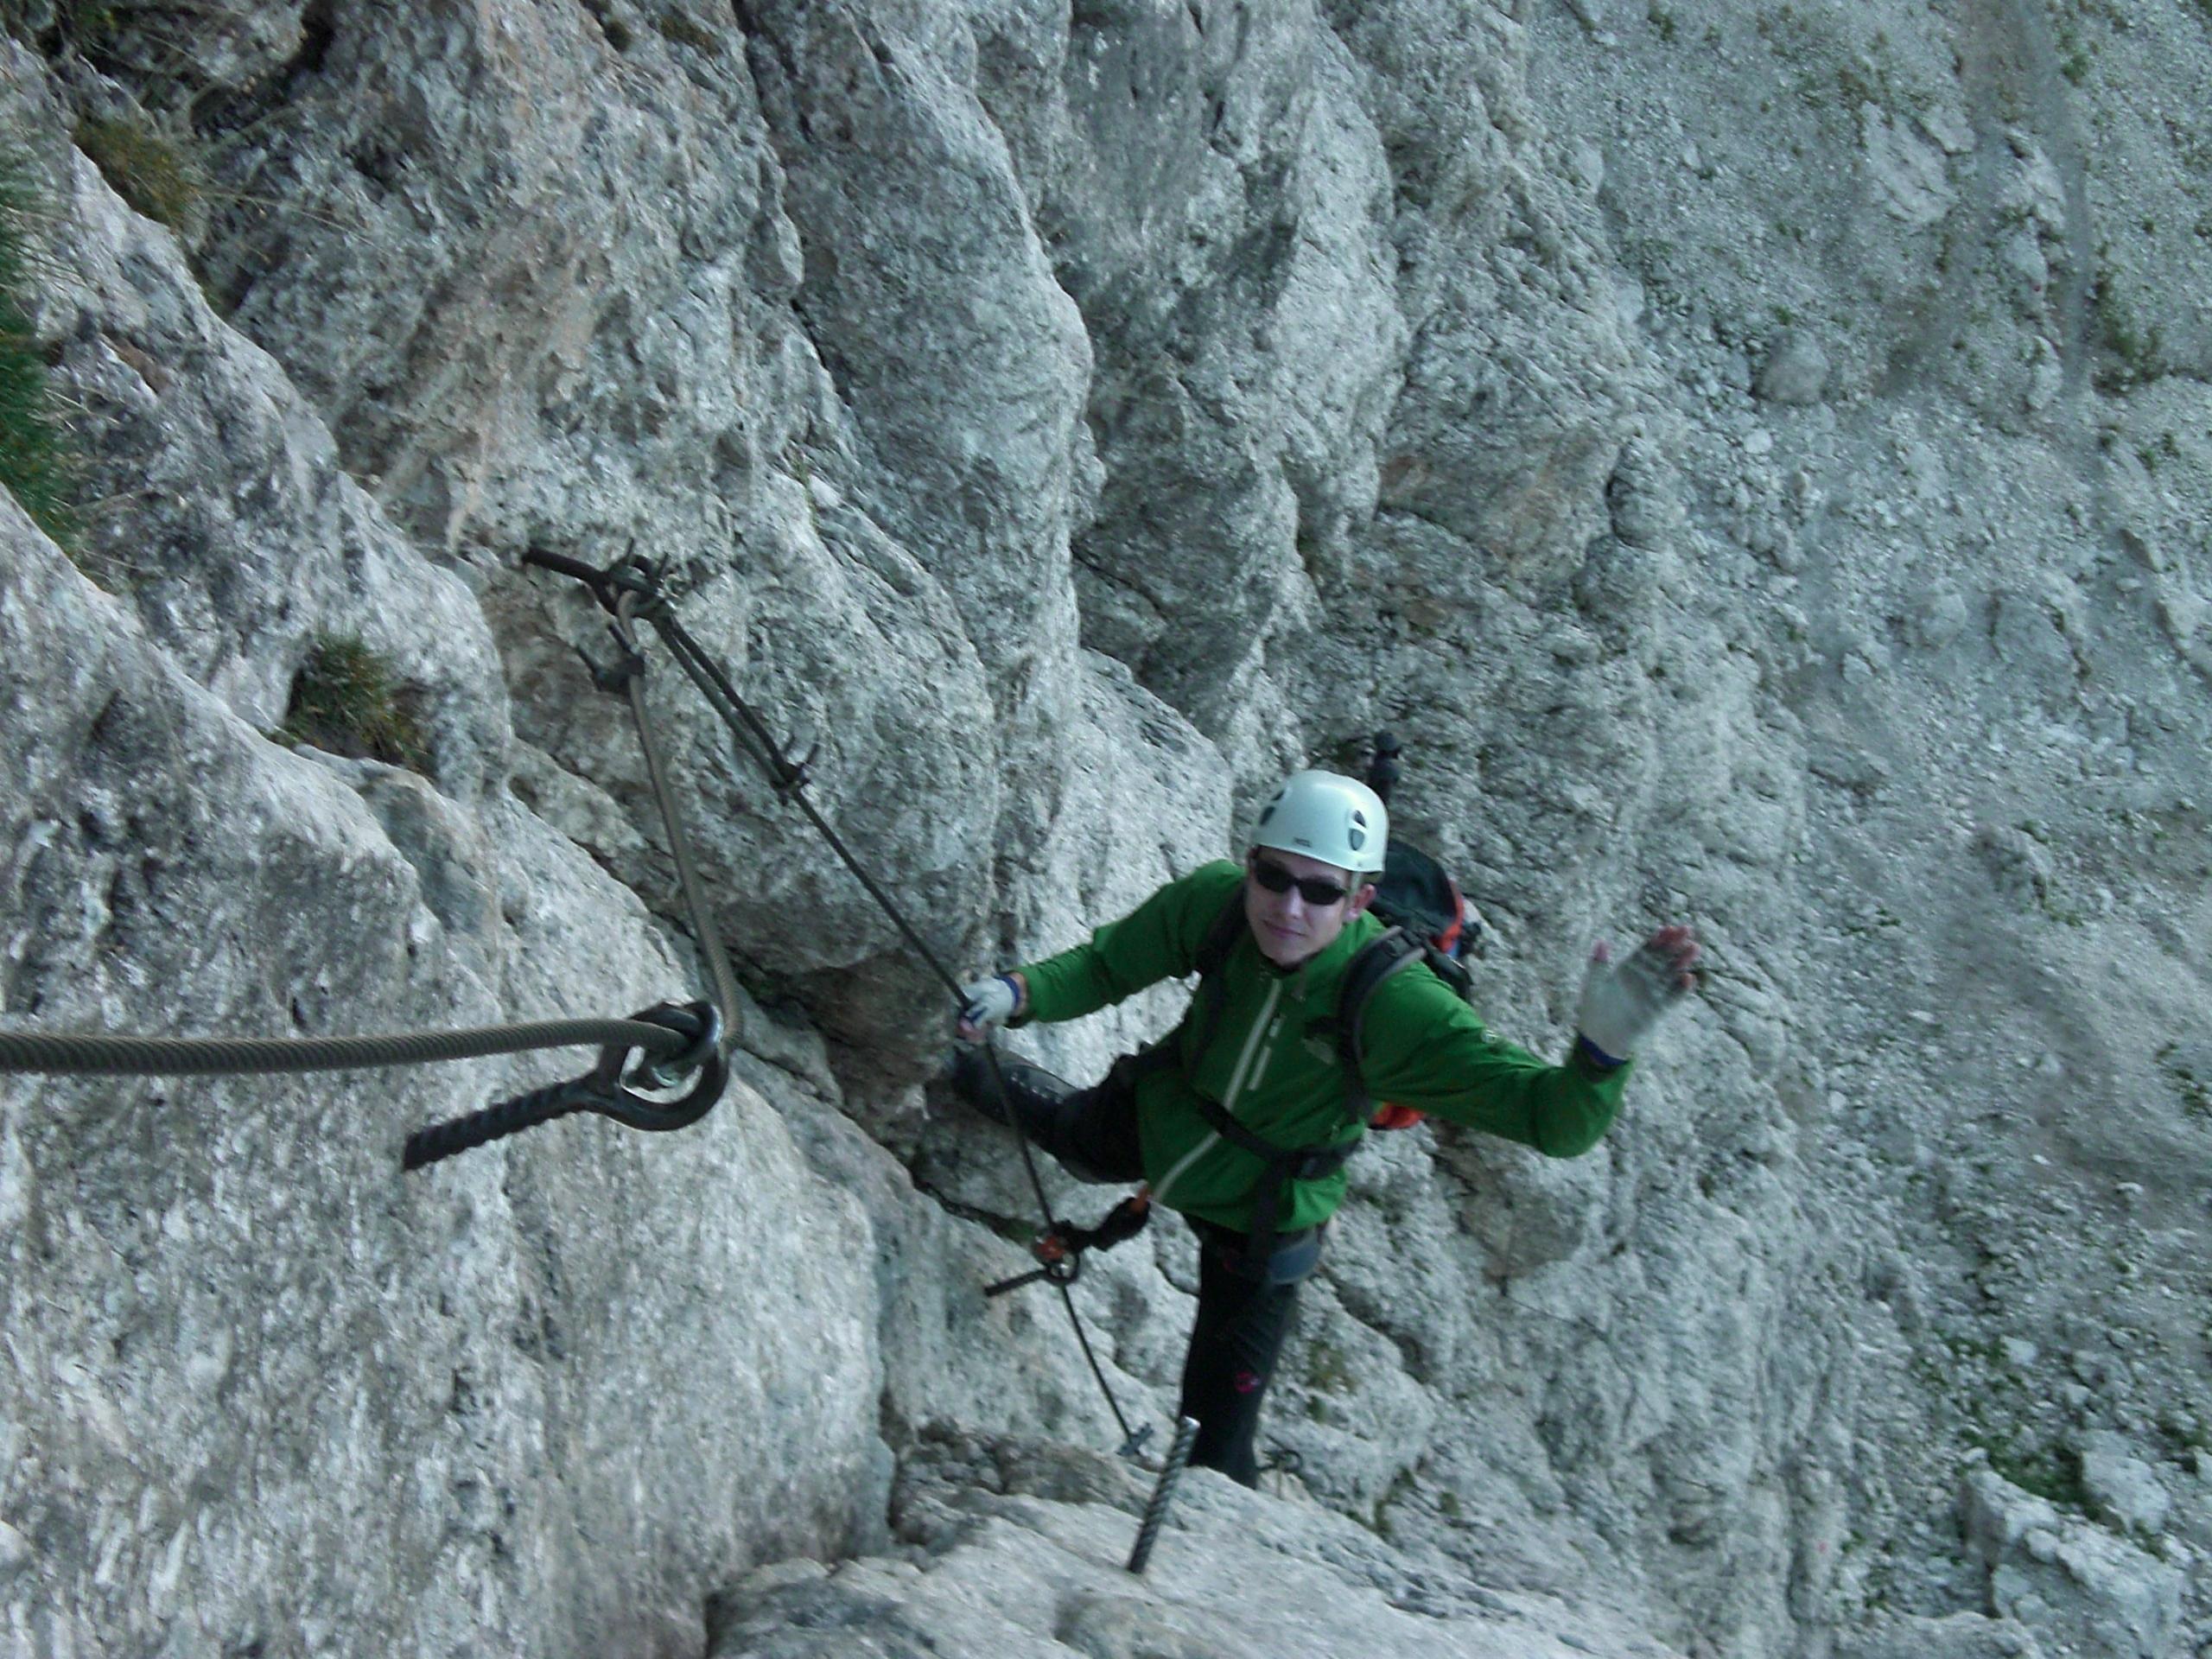 Klettersteig Pößnecker : Pößnecker klettersteig faszination hochtouren